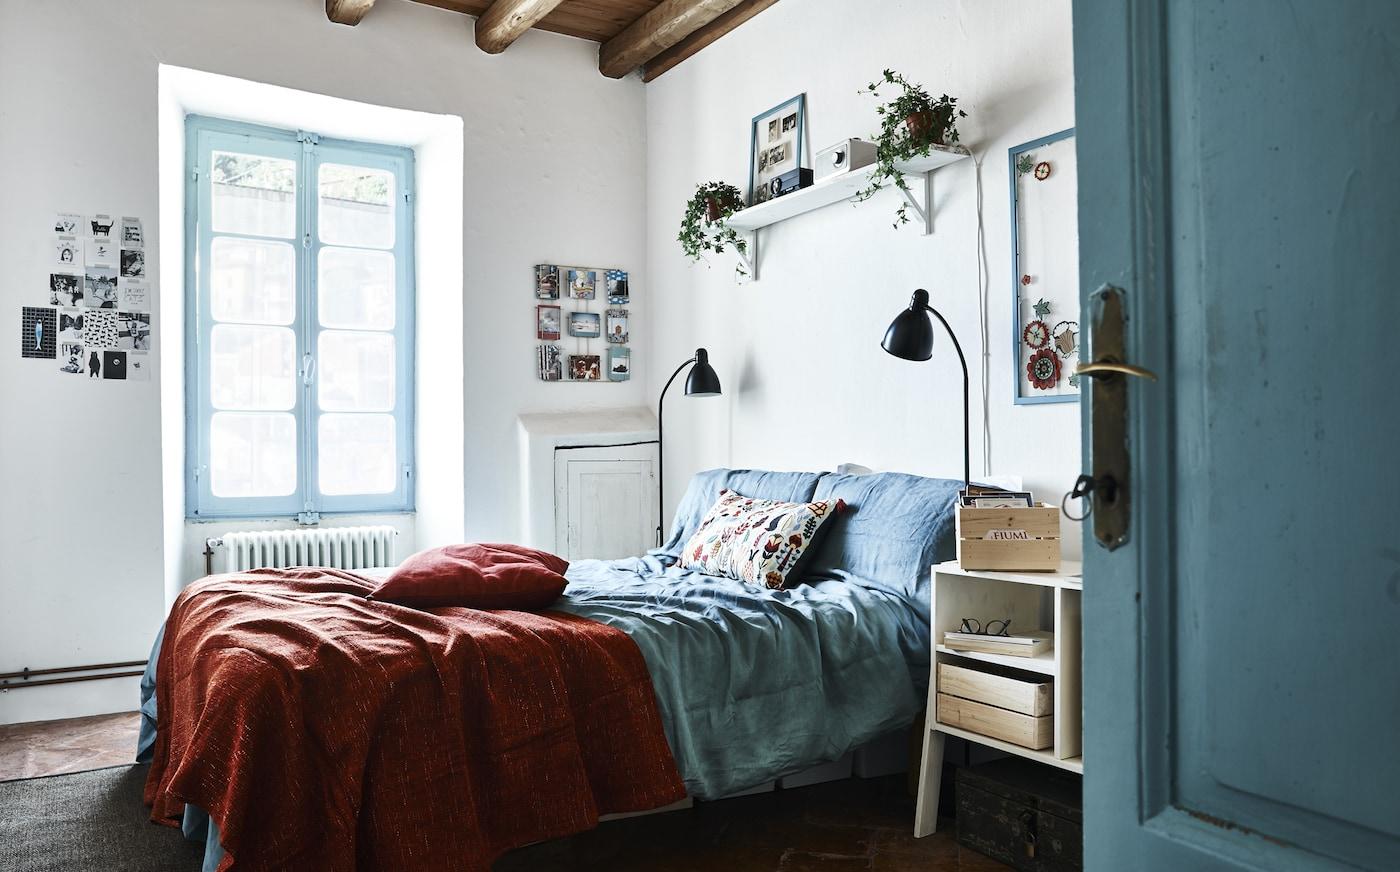 Quarto decorado a azul e branco.